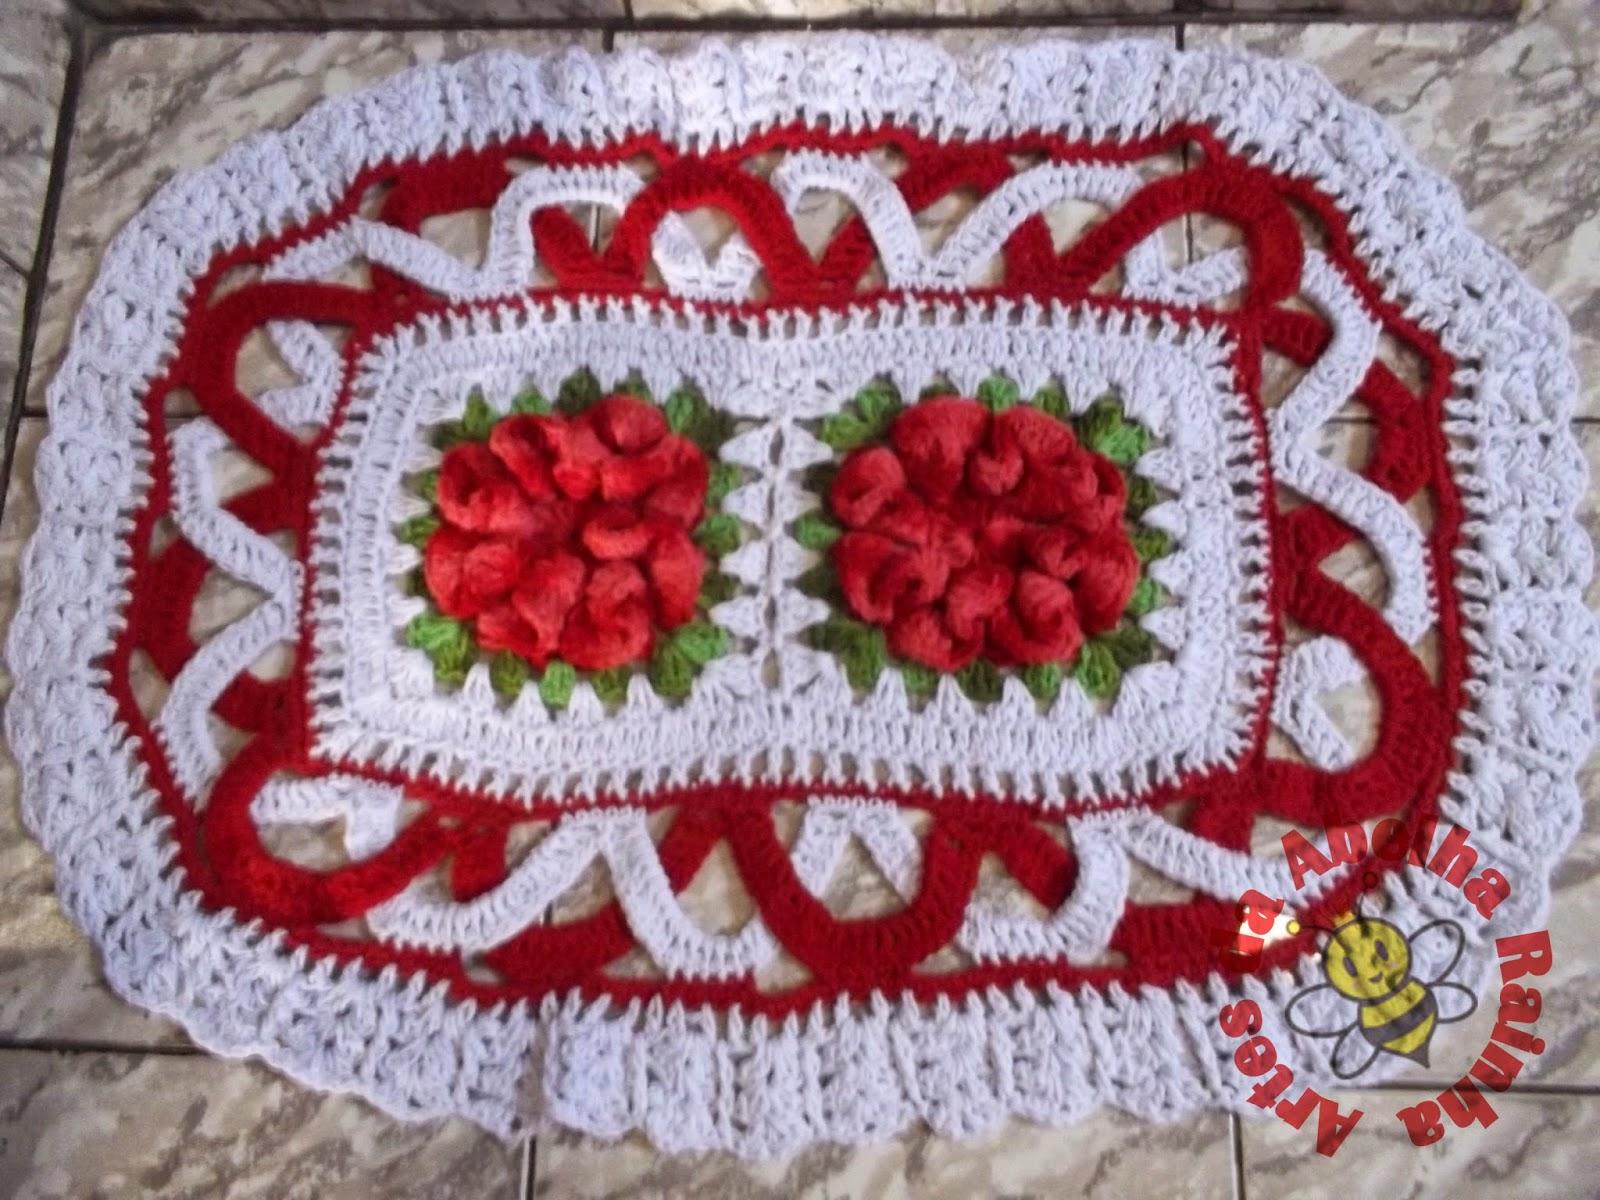 Rainha: Jogo de Banheiro de crochê Vermelho e Branco com Flores #7B141F 1600x1200 Banheiro Branco Vermelho